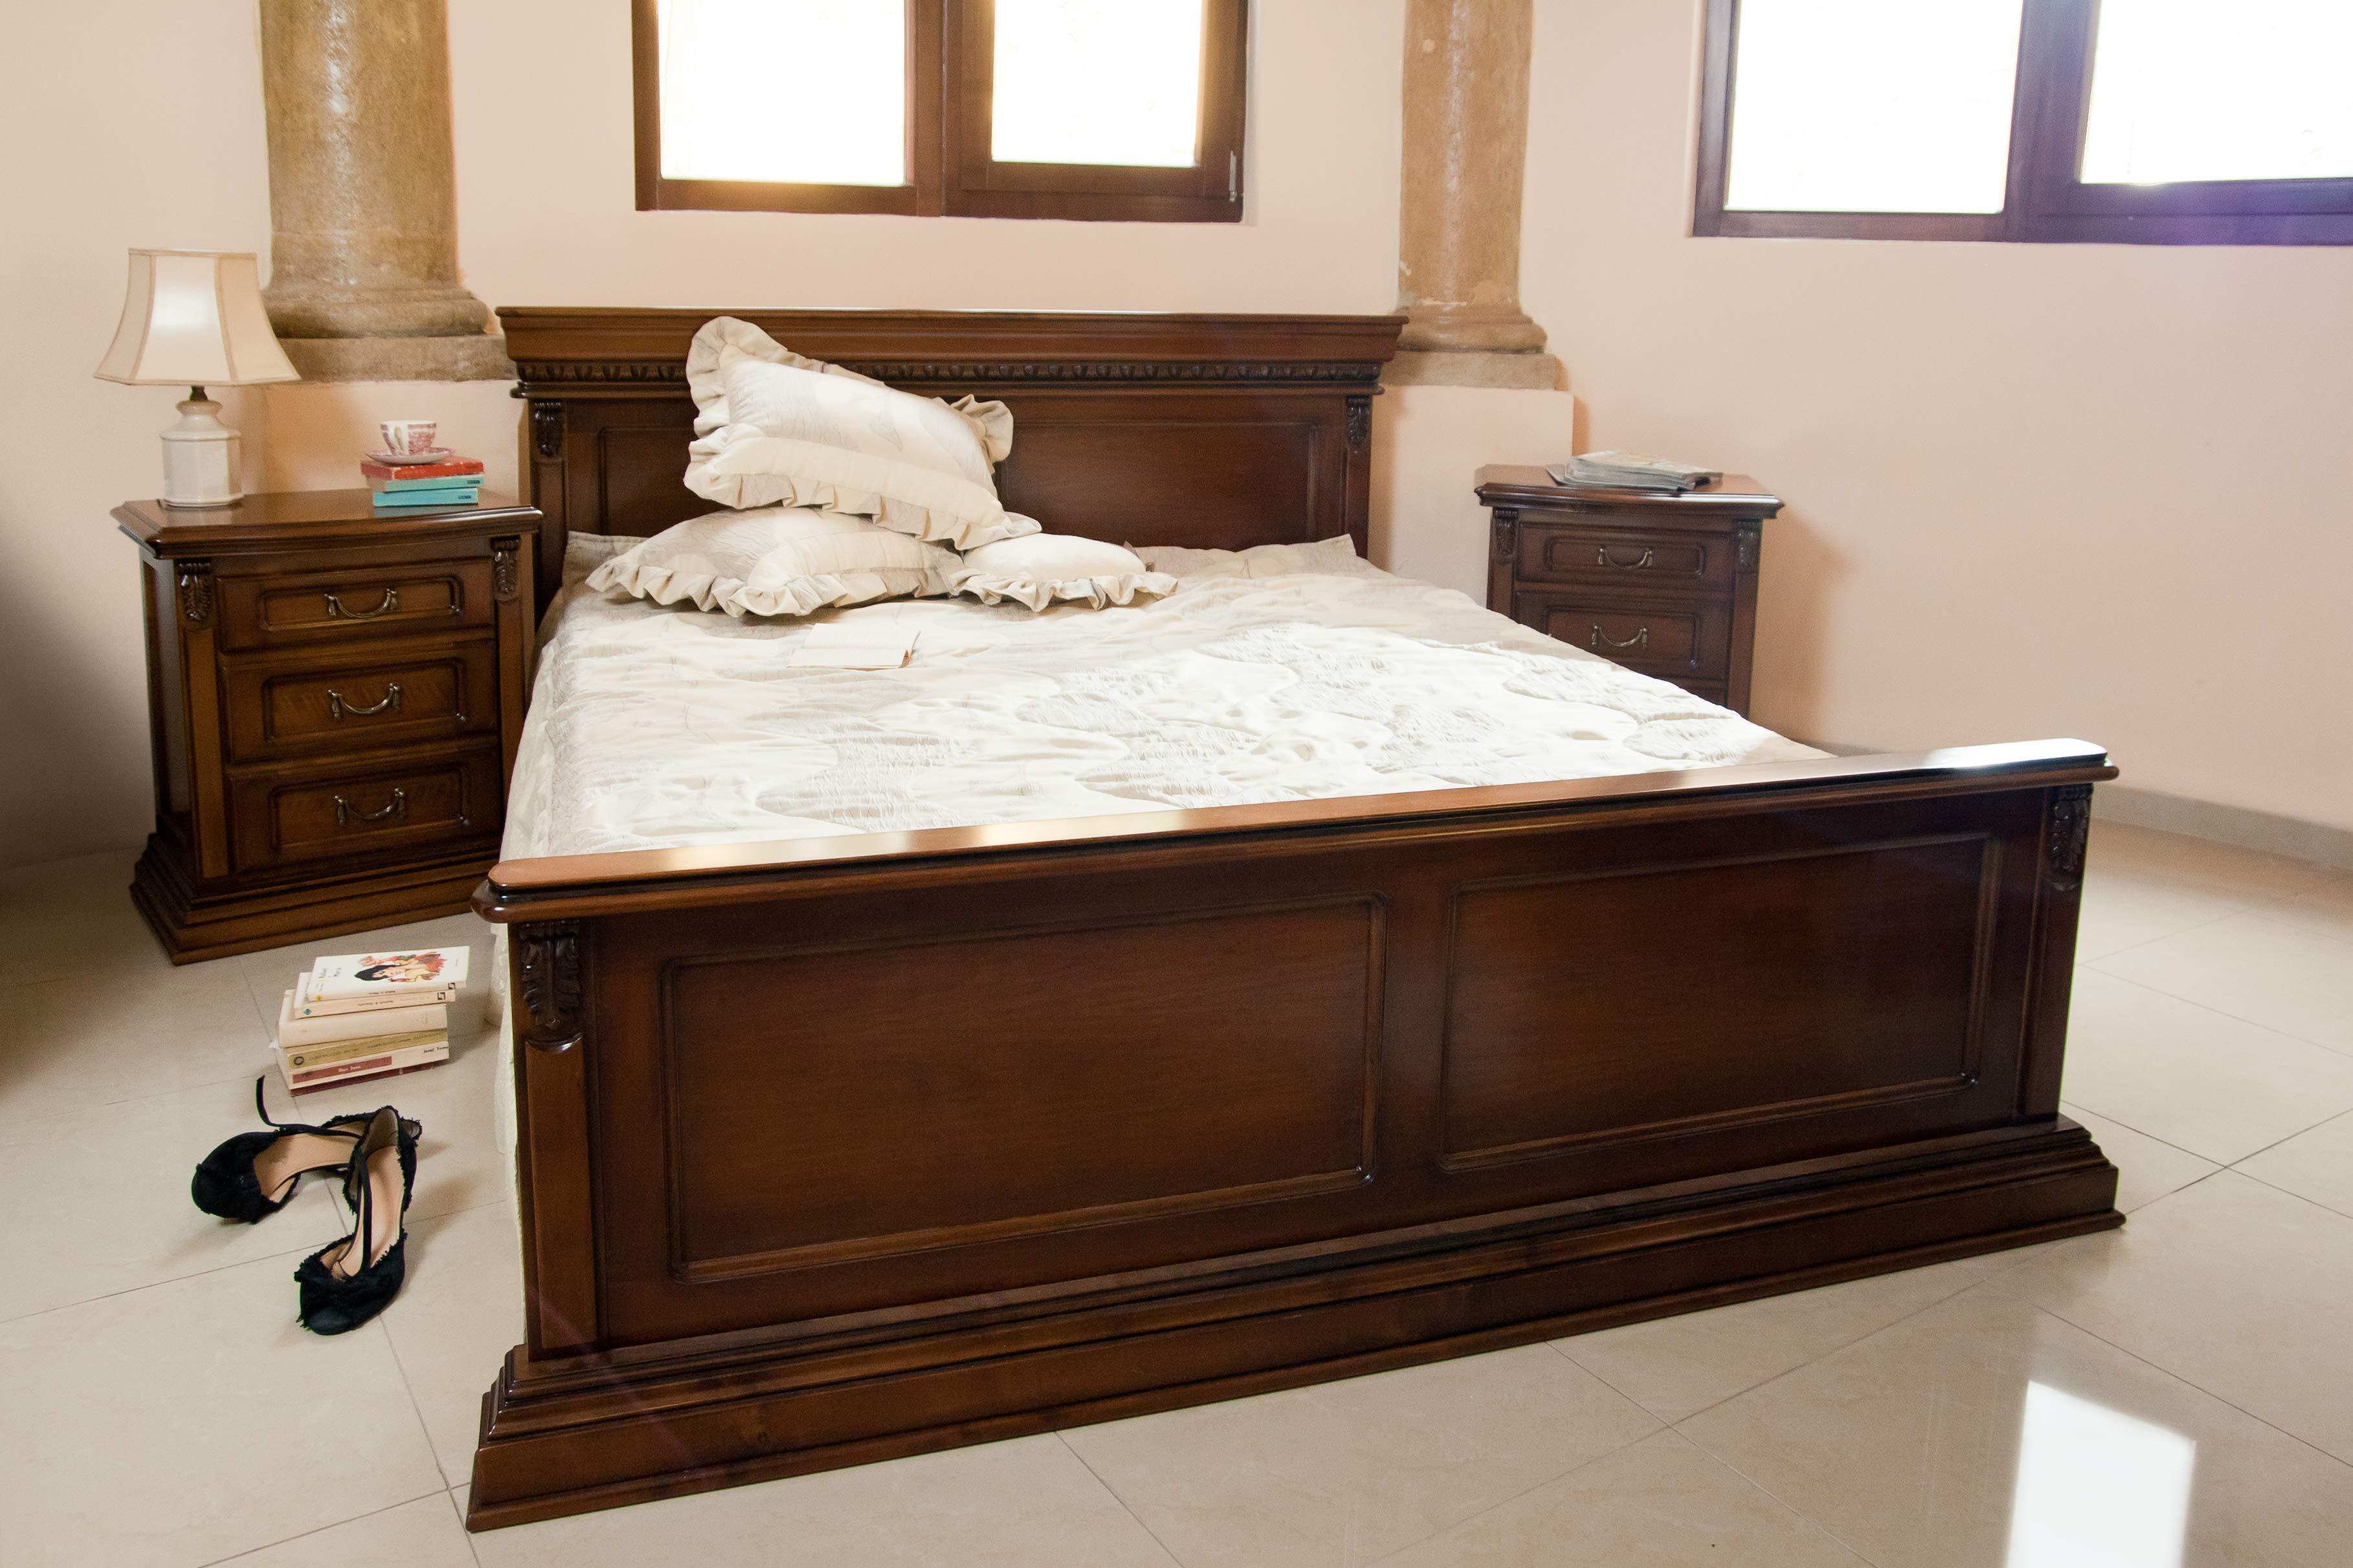 Ensemble pour chambre coucher traditionnel 1 0 100 0 for Chambre 0 coucher